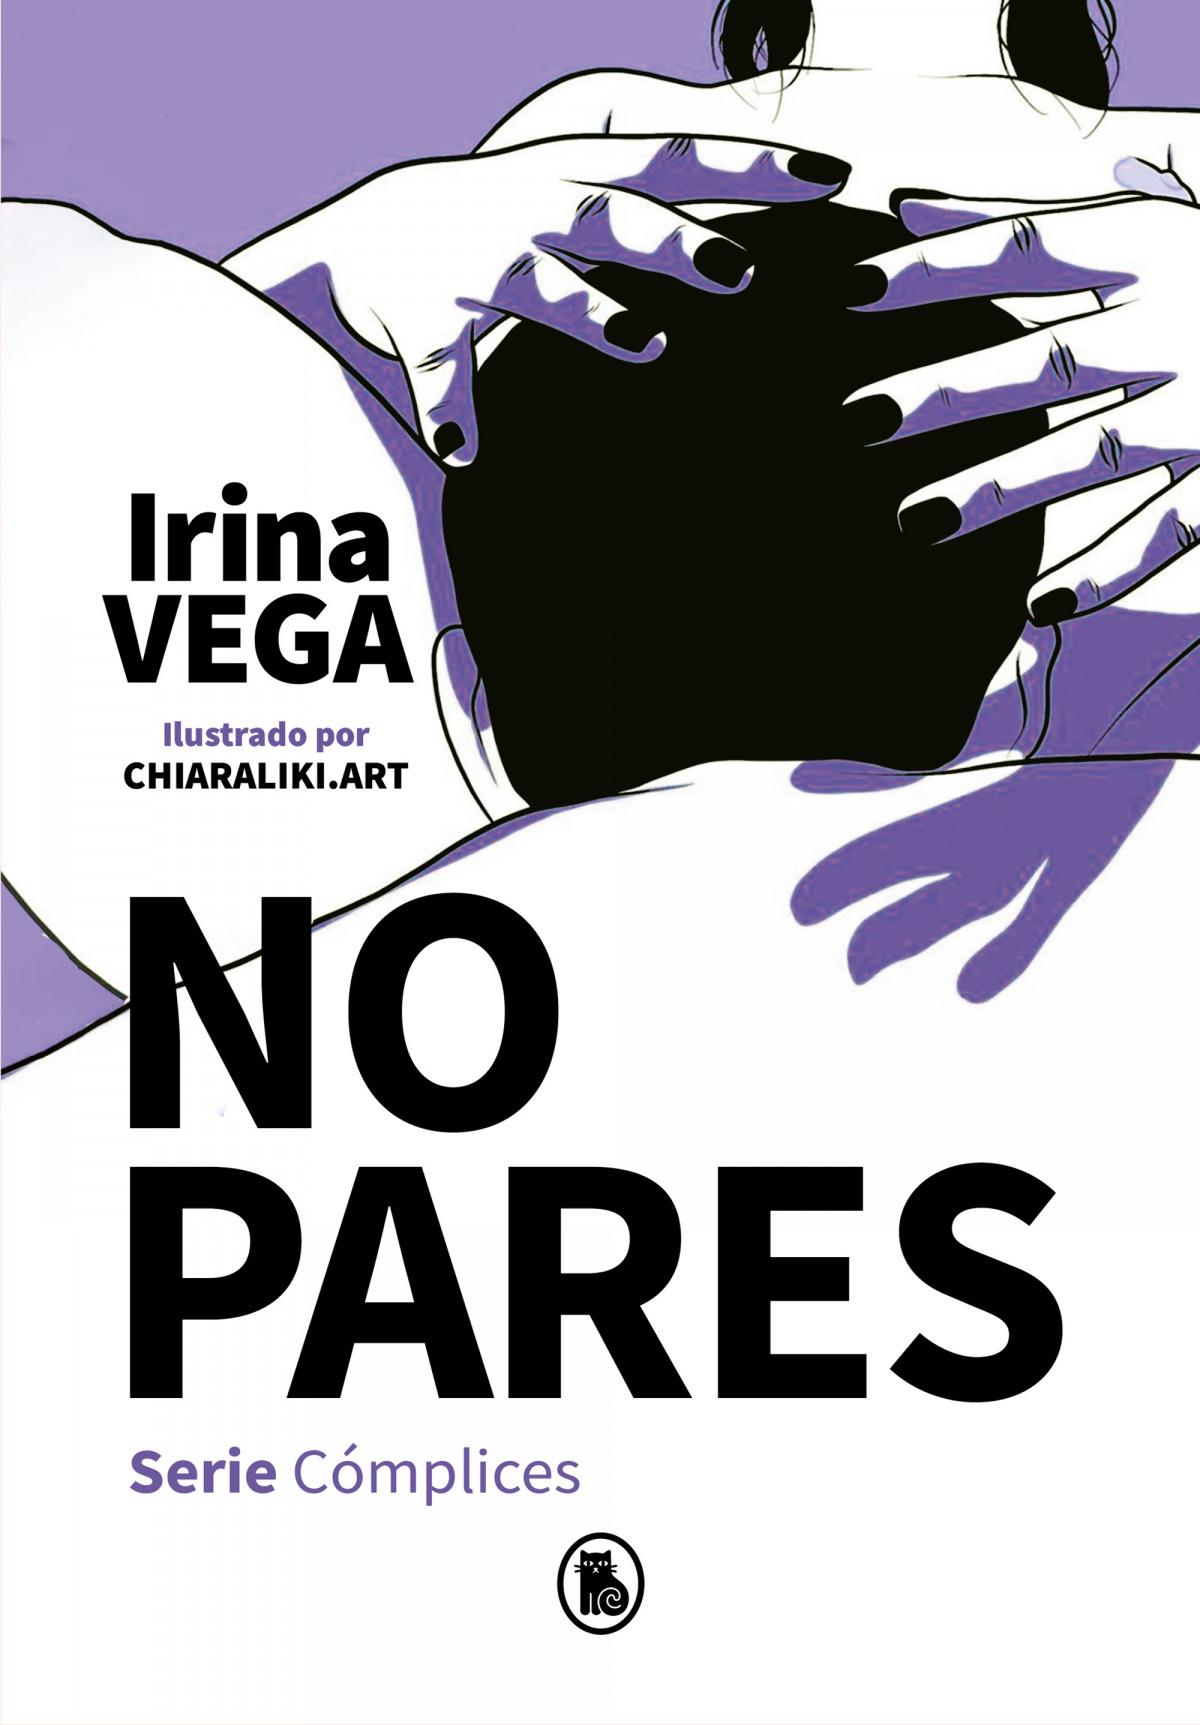 No pares (Serie Cómplices 2) 9788402424723